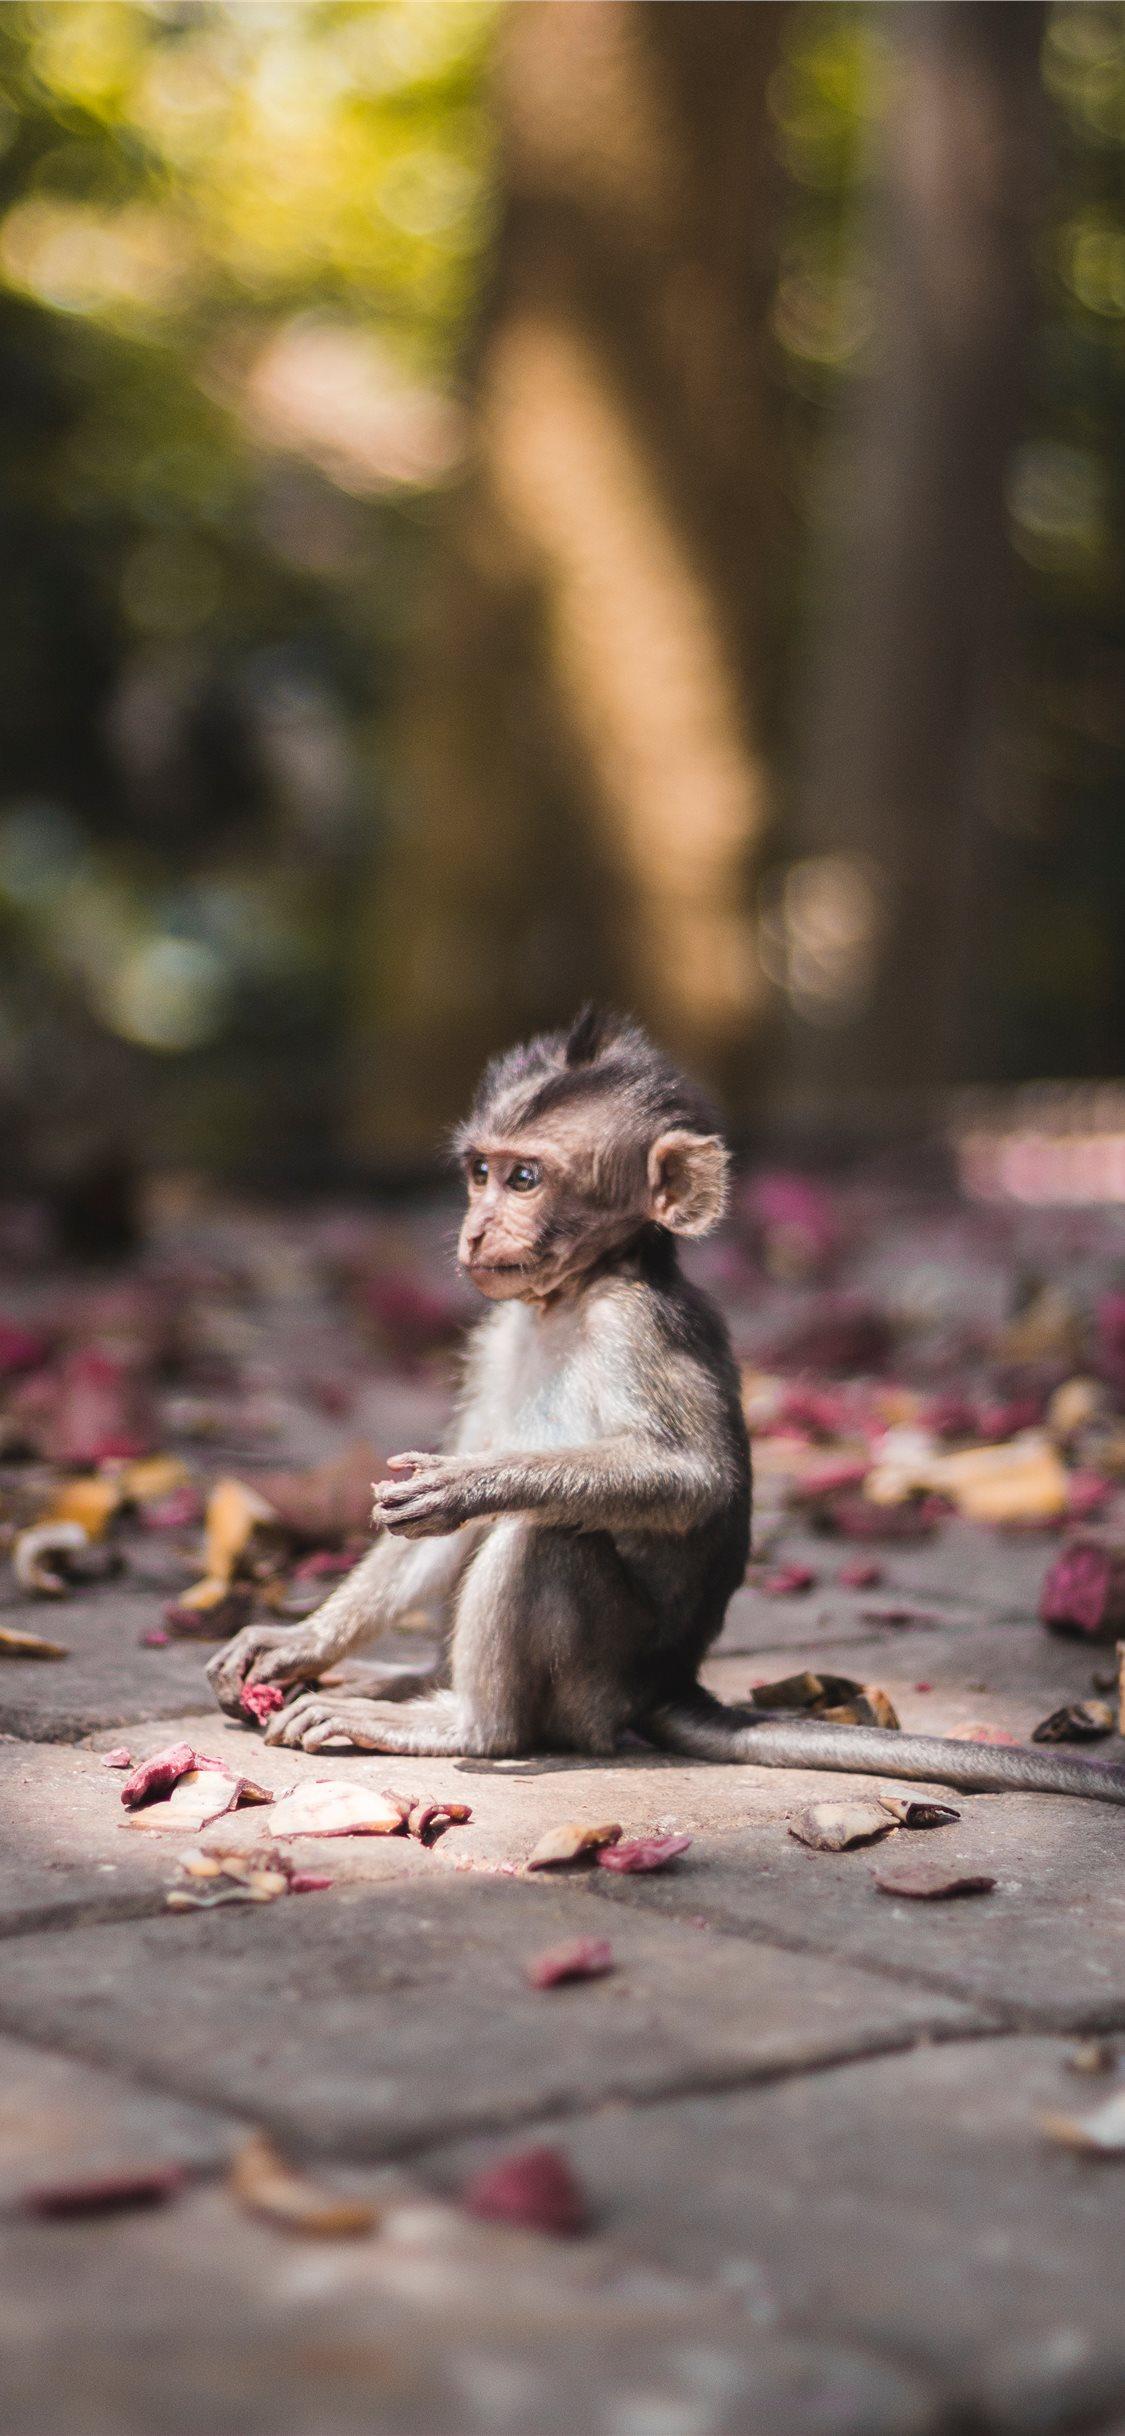 Baby monkey found in Sacred Monkey Forrest in Ubud iPhone X 1125x2436